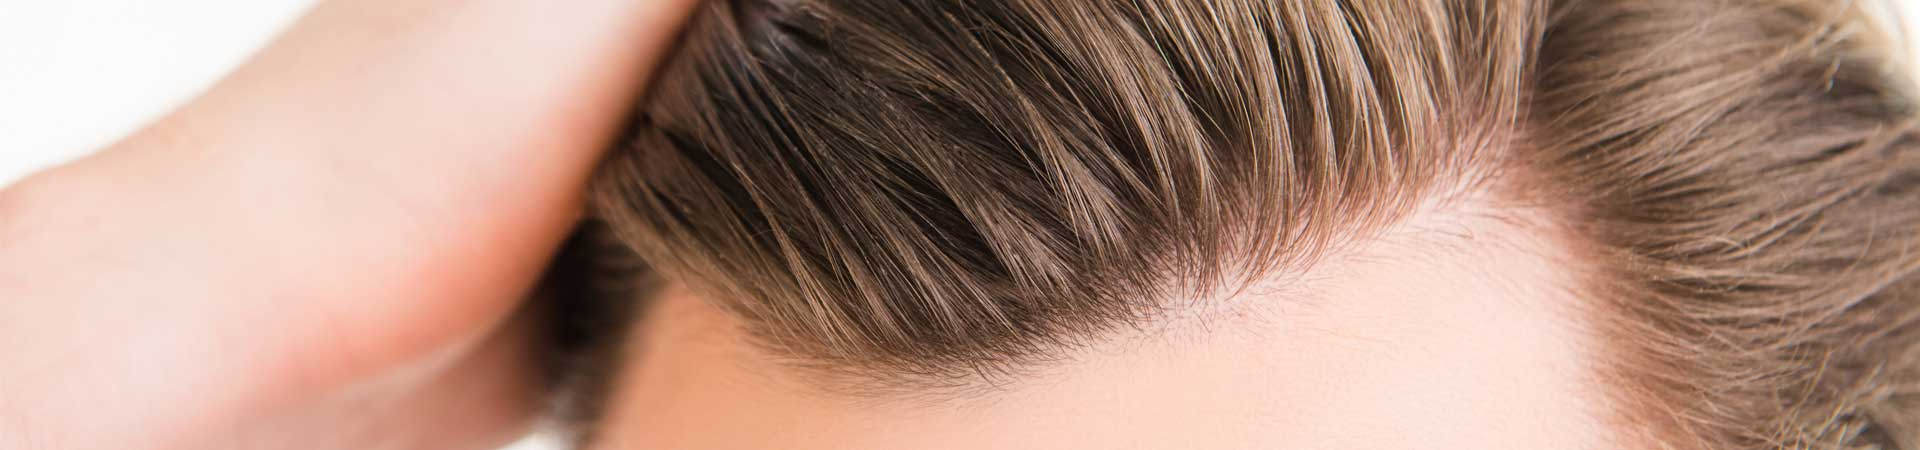 Andere Ursachen von Haarausfall